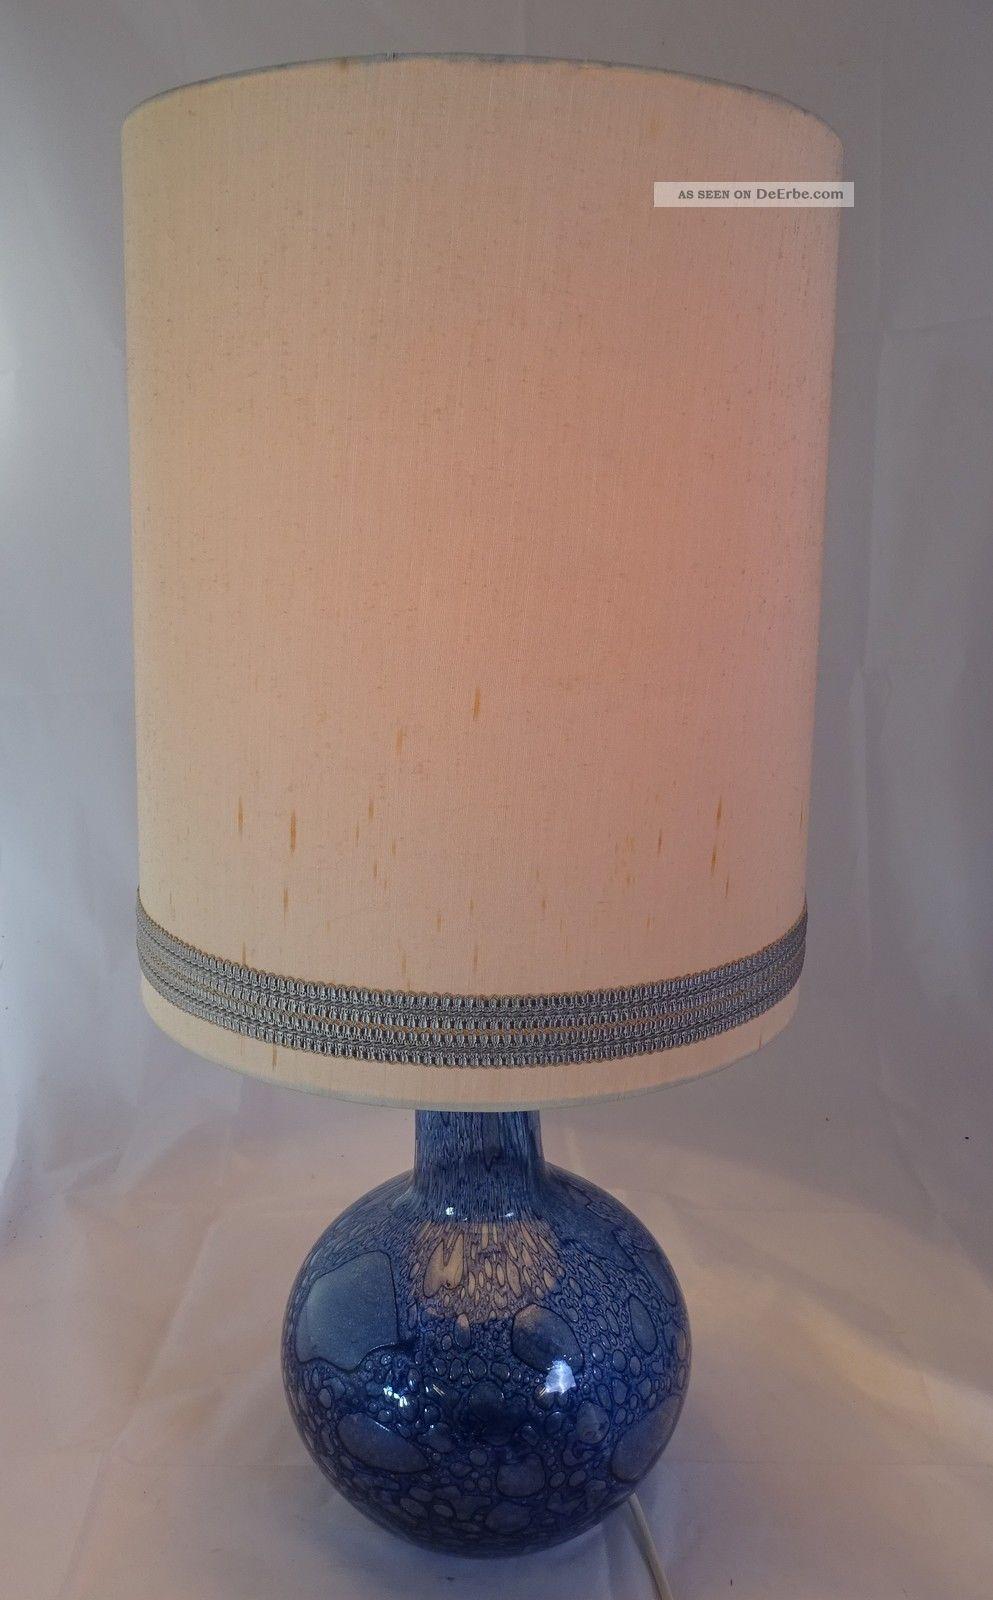 70er Jahre 70s Panton Ära Lampe Stehlampe Blau M.  Schirm Funktionsfähig Wohl Wmf 1970-1979 Bild